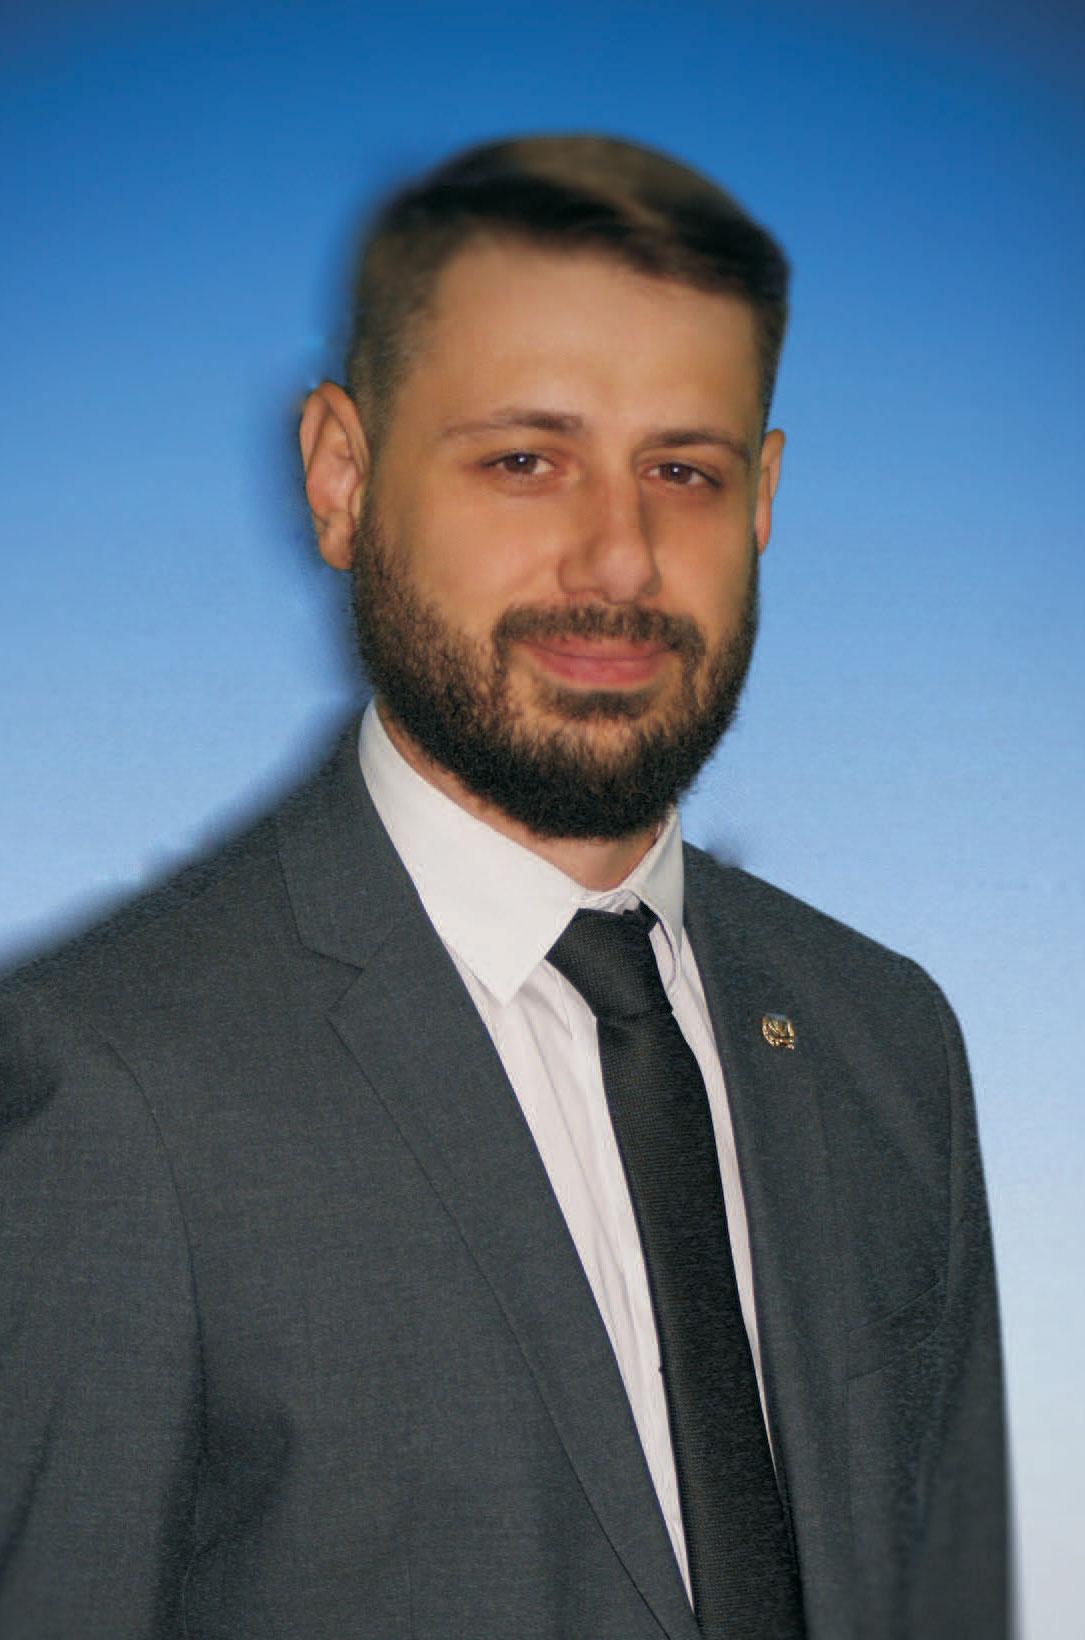 Мачэкін Сяргей Мікалаевіч